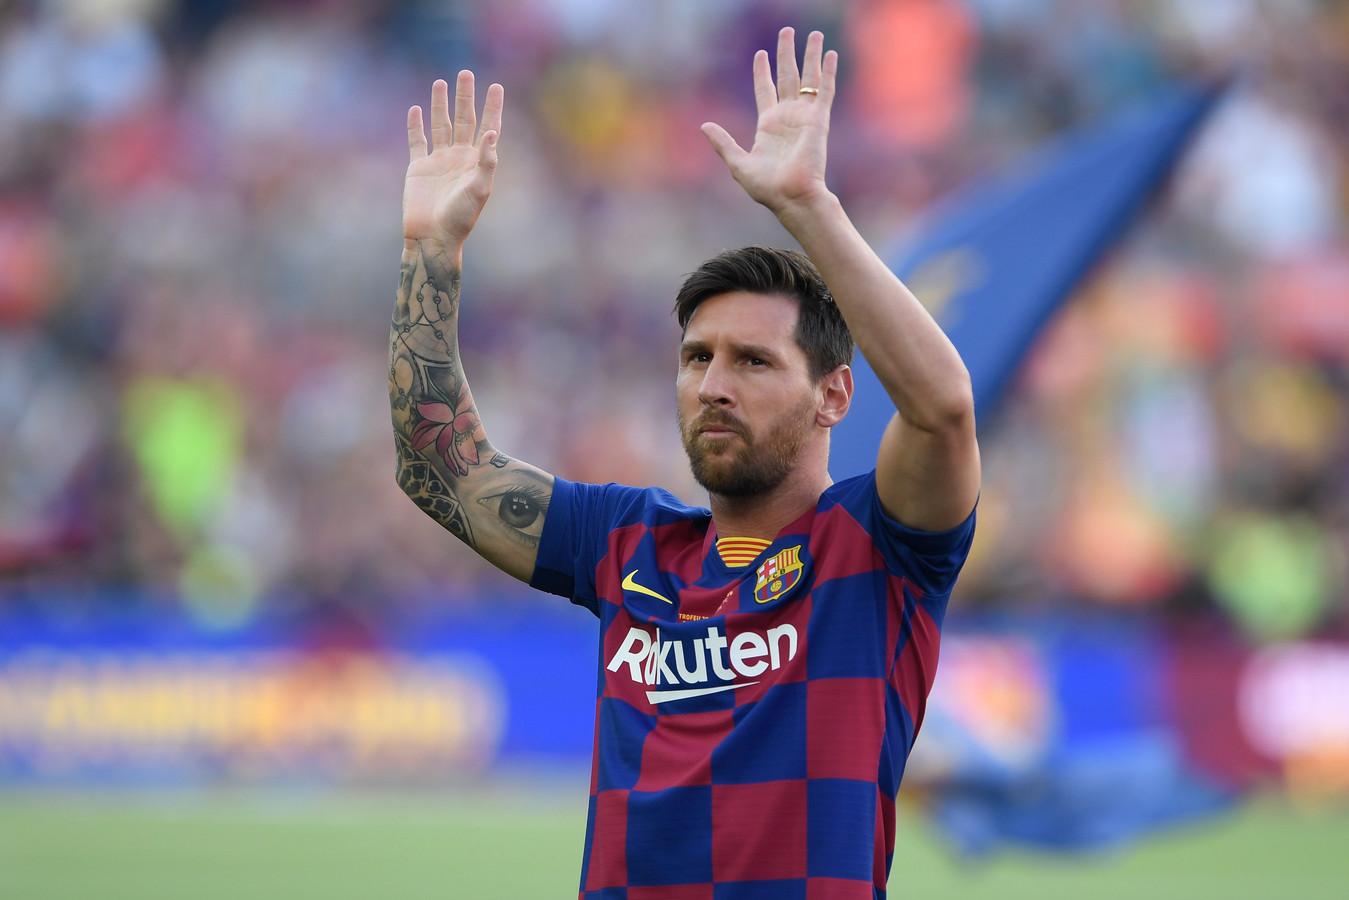 Lionel Messi siert samen met Cristiano Ronaldo en twee anderen de Season Update van Pro Evolution Soccer. De game is de grootste concurrent van voetbalspel FIFA, dat door EA Sports wordt gemaakt.